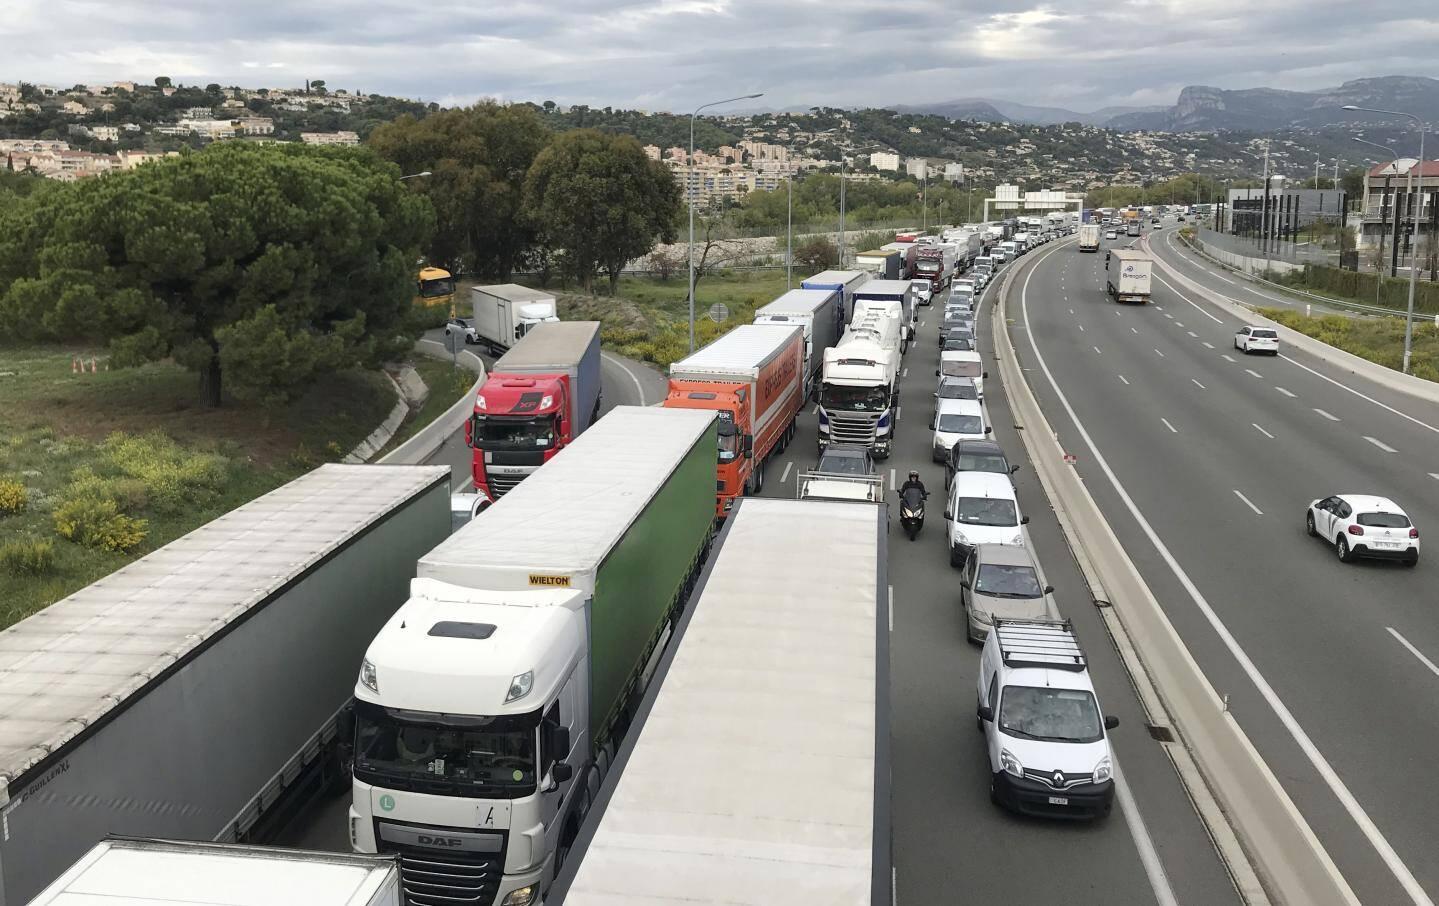 Les conducteurs pris au piège des embouteillages, mercredi 8 octobre, à cause d'un camion en feu sur l'A8, entre Saint-Laurent du Var et Cagnes-sur-mer.